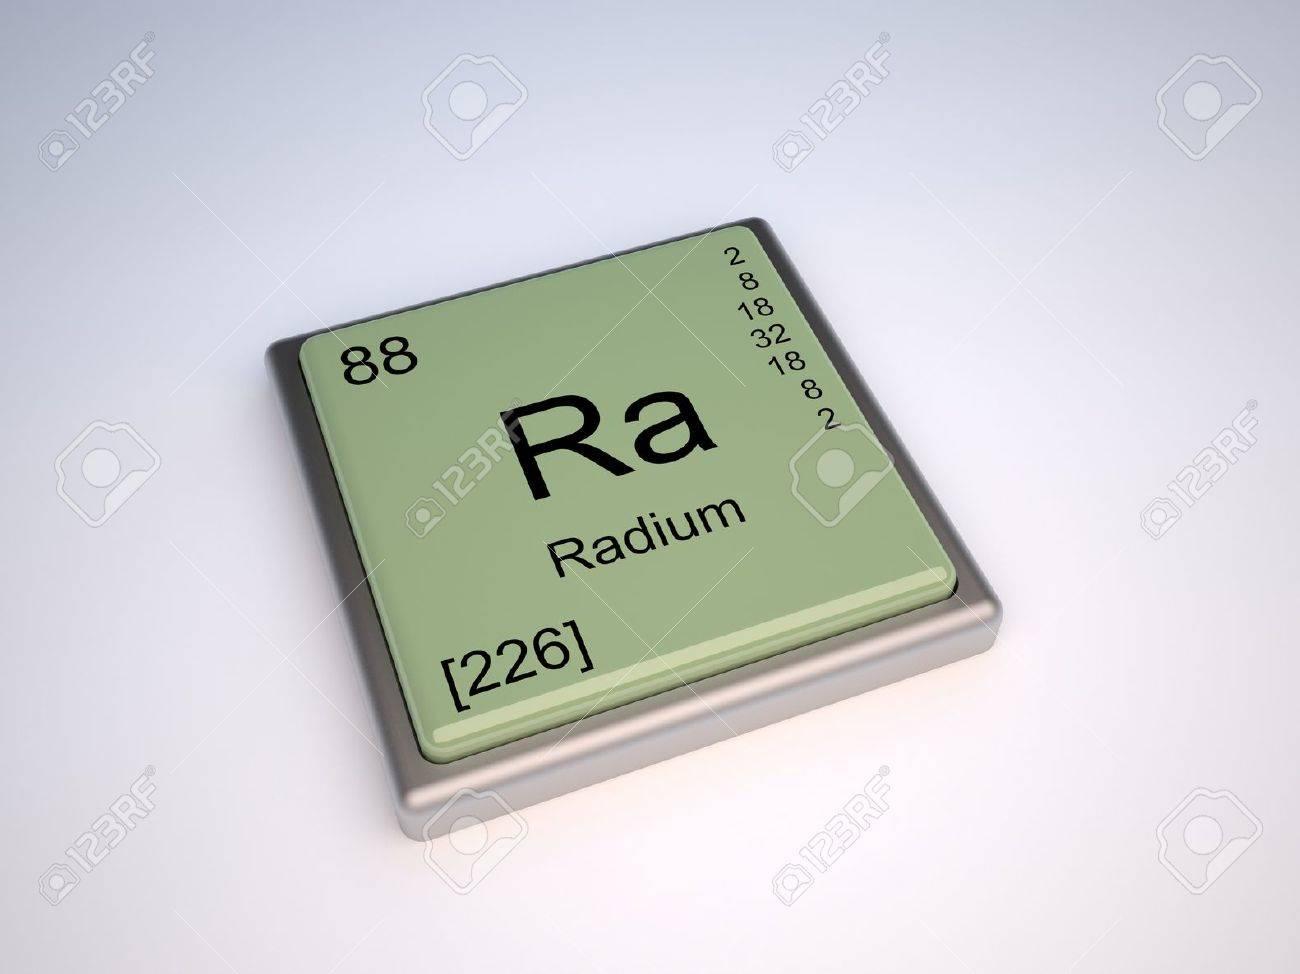 Elemento qumico de radio de la tabla peridica con smbolo ra elemento qumico de radio de la tabla peridica con smbolo ra foto de archivo 10062429 urtaz Choice Image